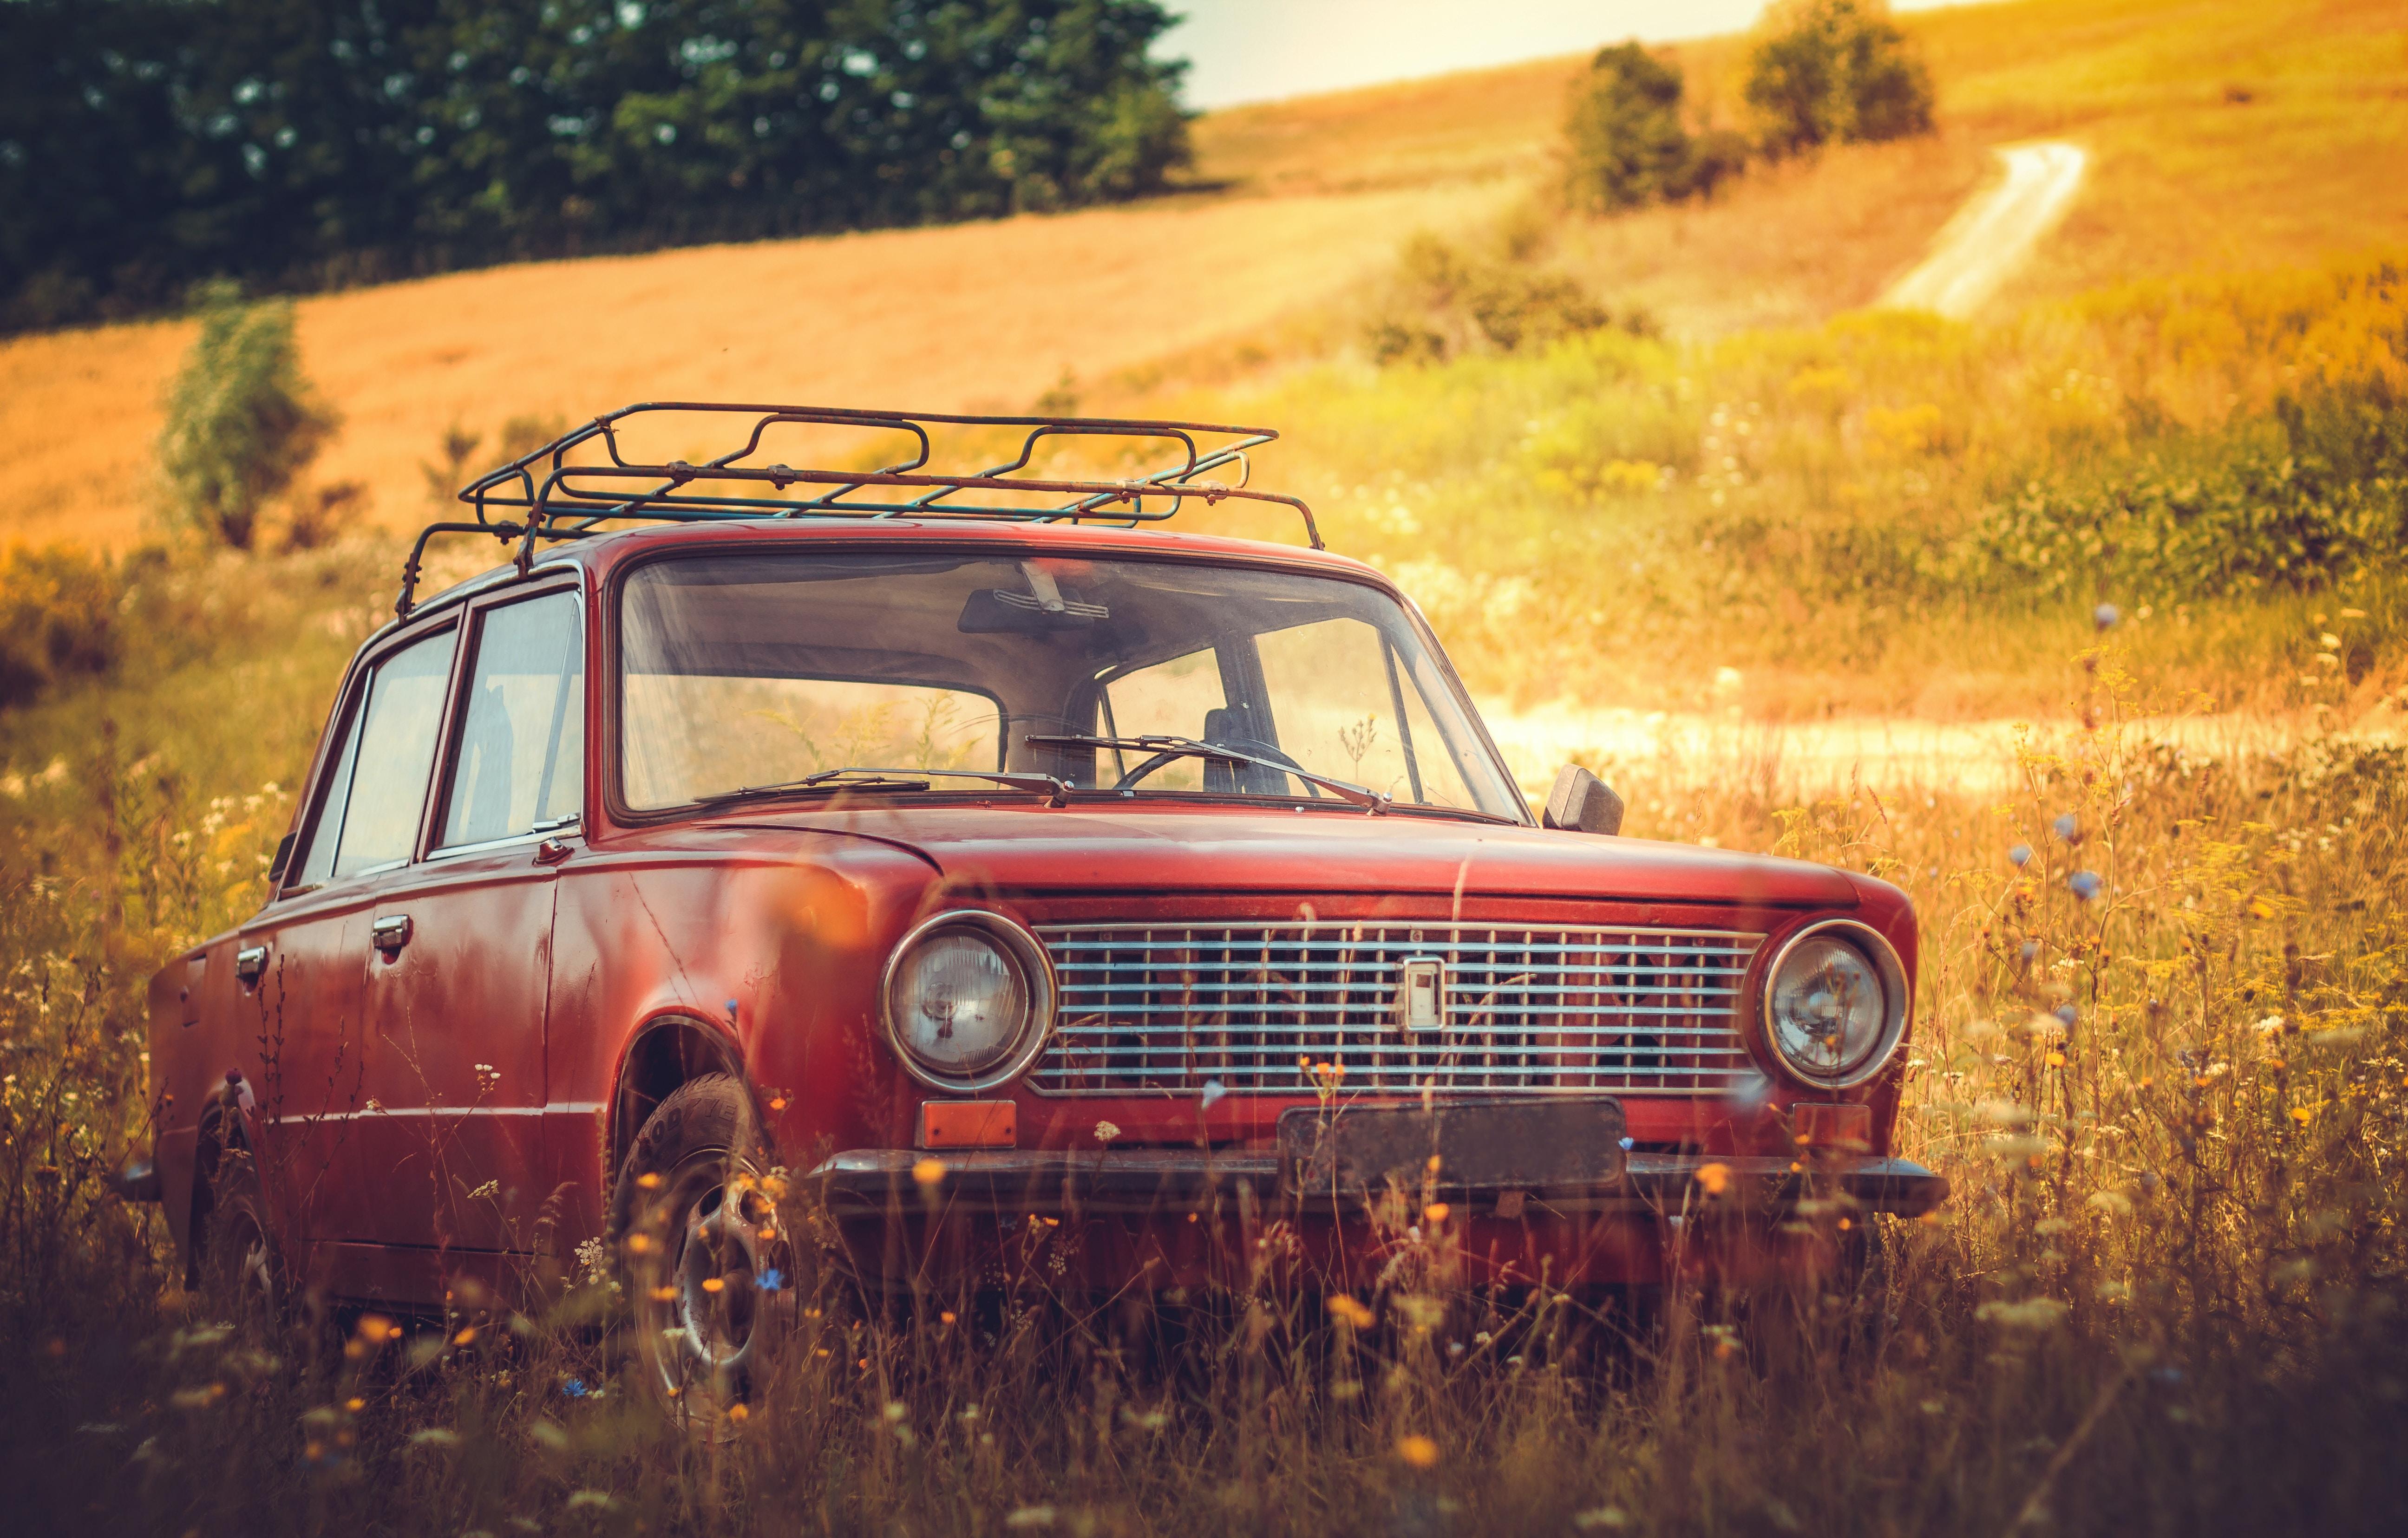 Жигули или иномарка выбираем свой первый автомобиль